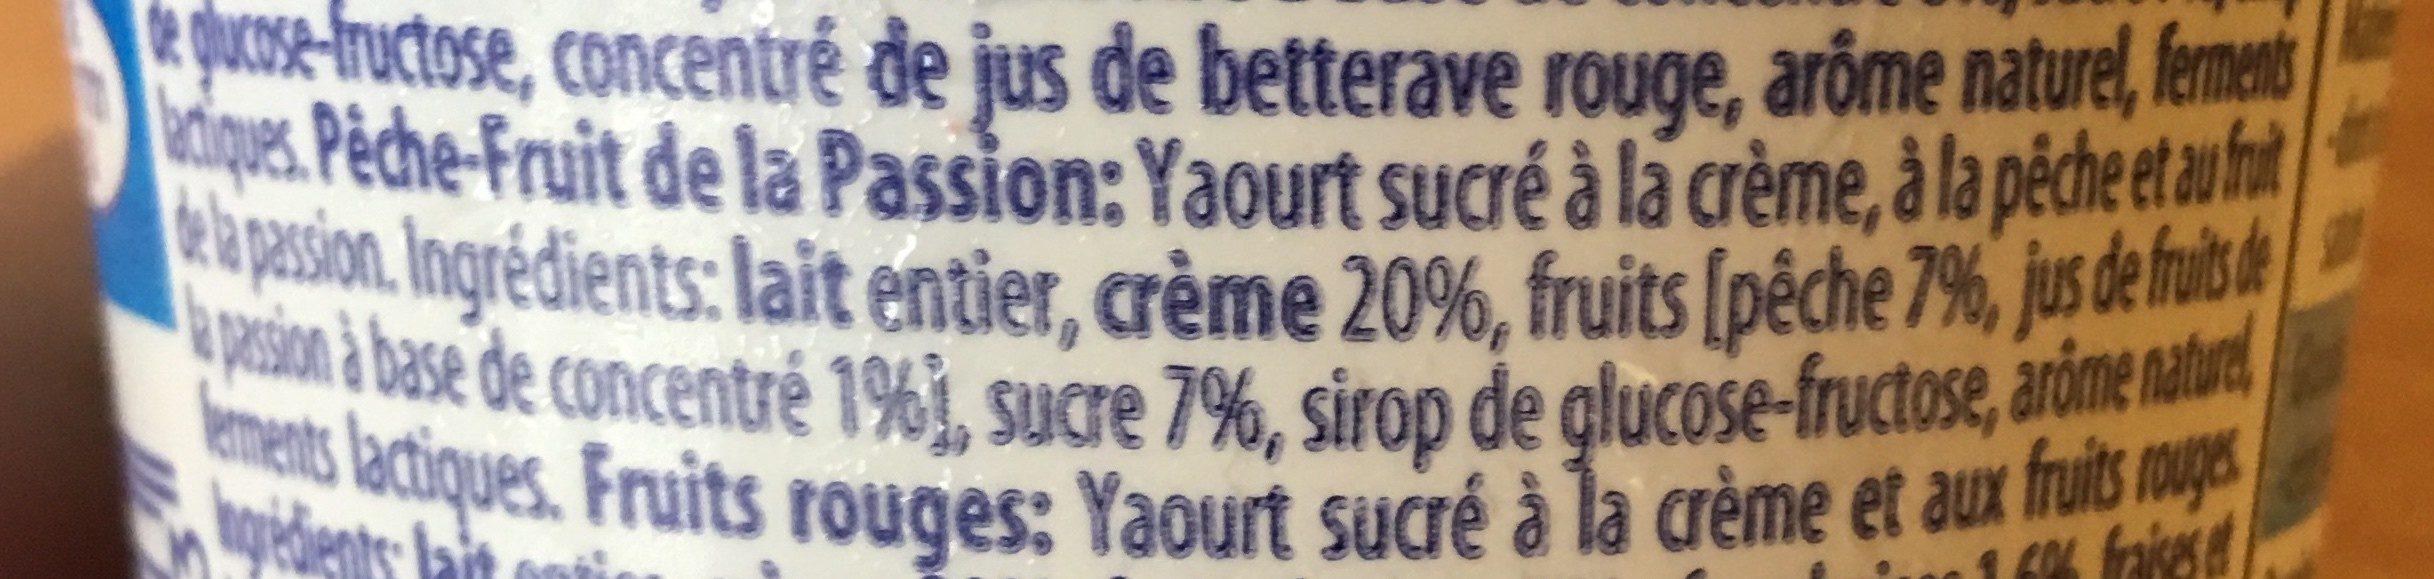 Yaourt aux Fruits Mixés - Ingredients - fr